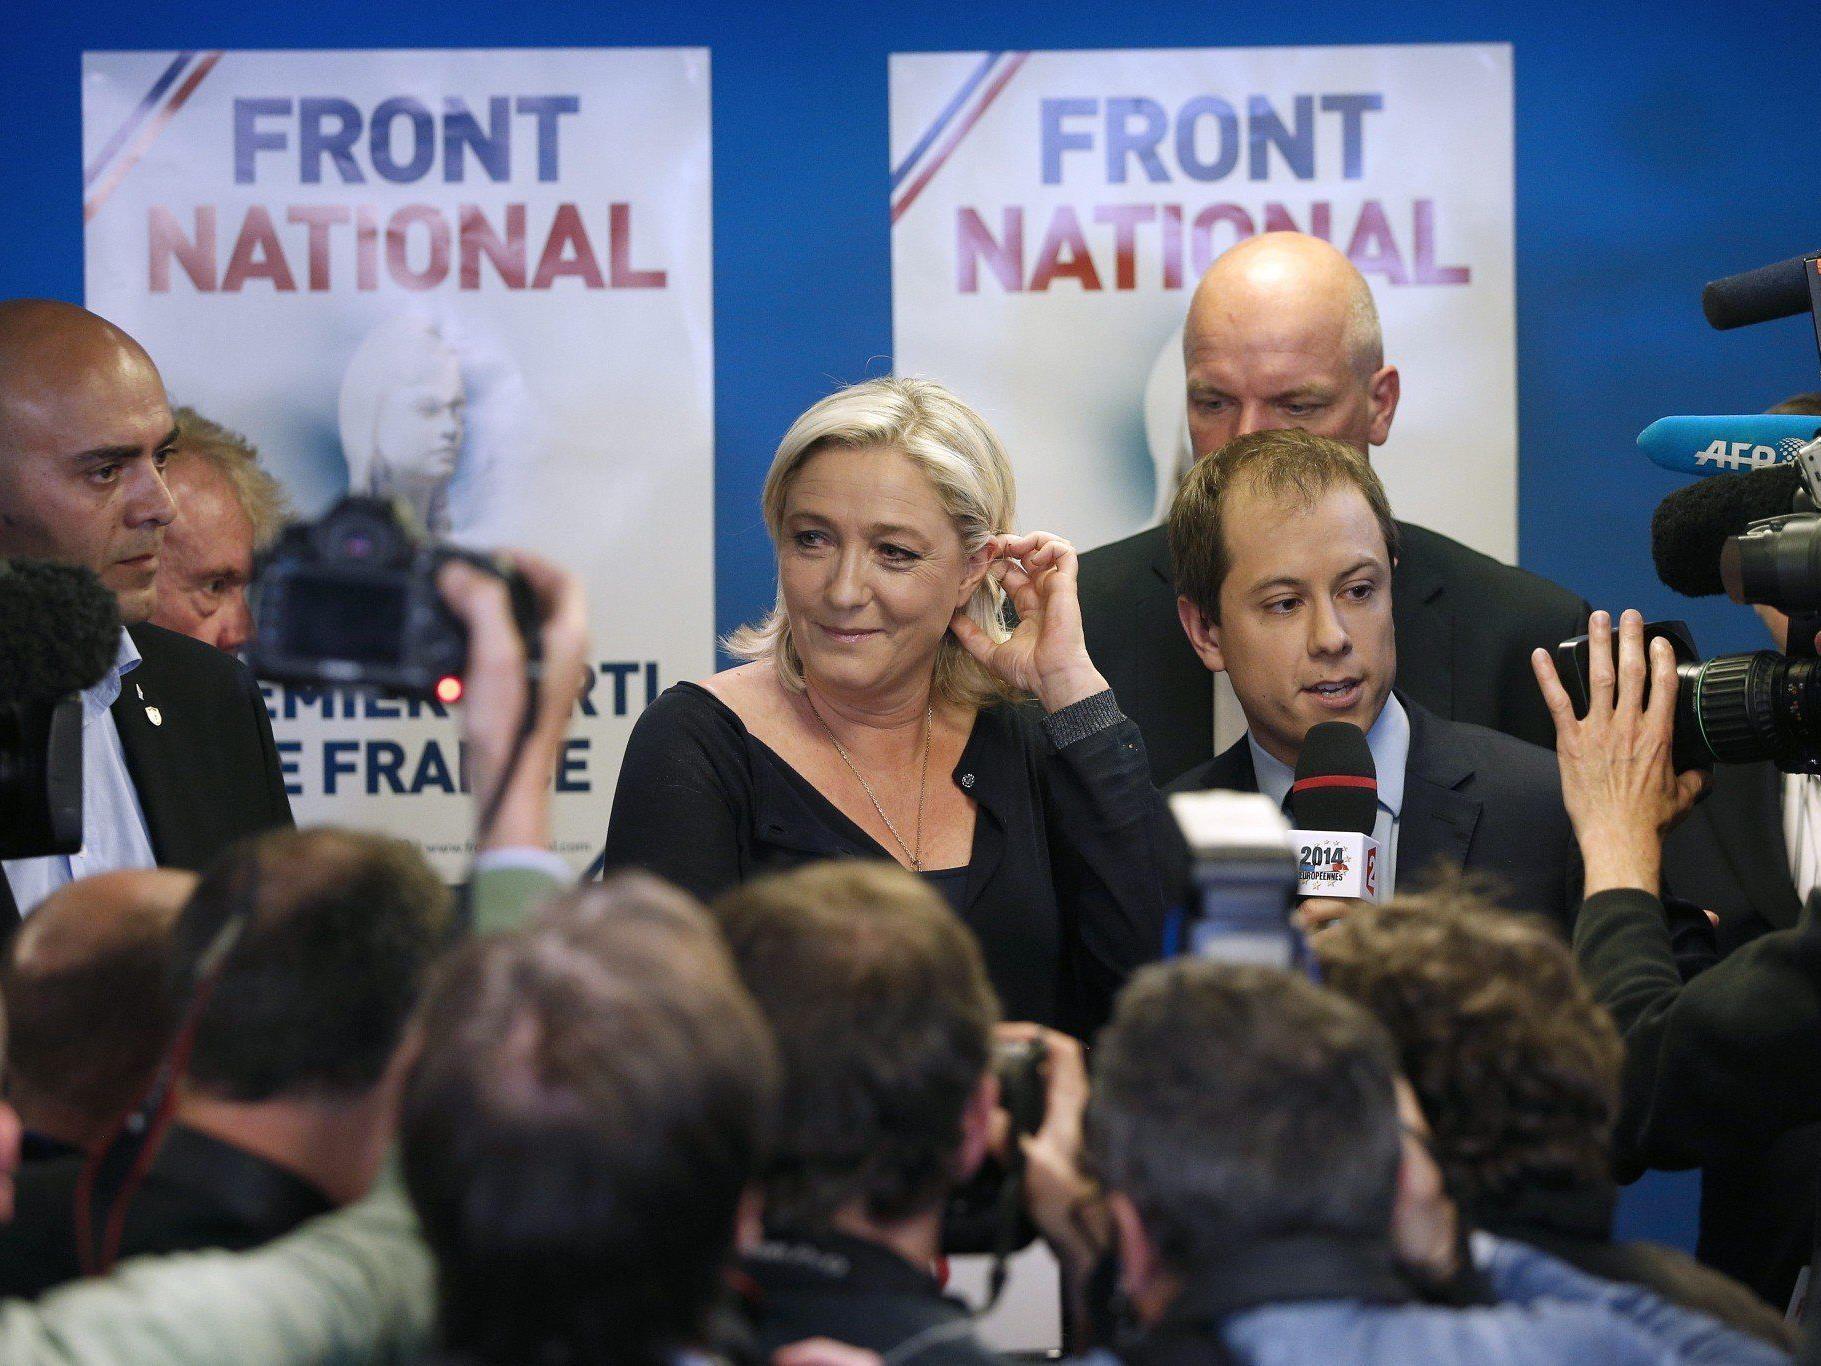 Rechtsruck bei EU-Wahl: Front National (Frankreich) auf Platz 1.